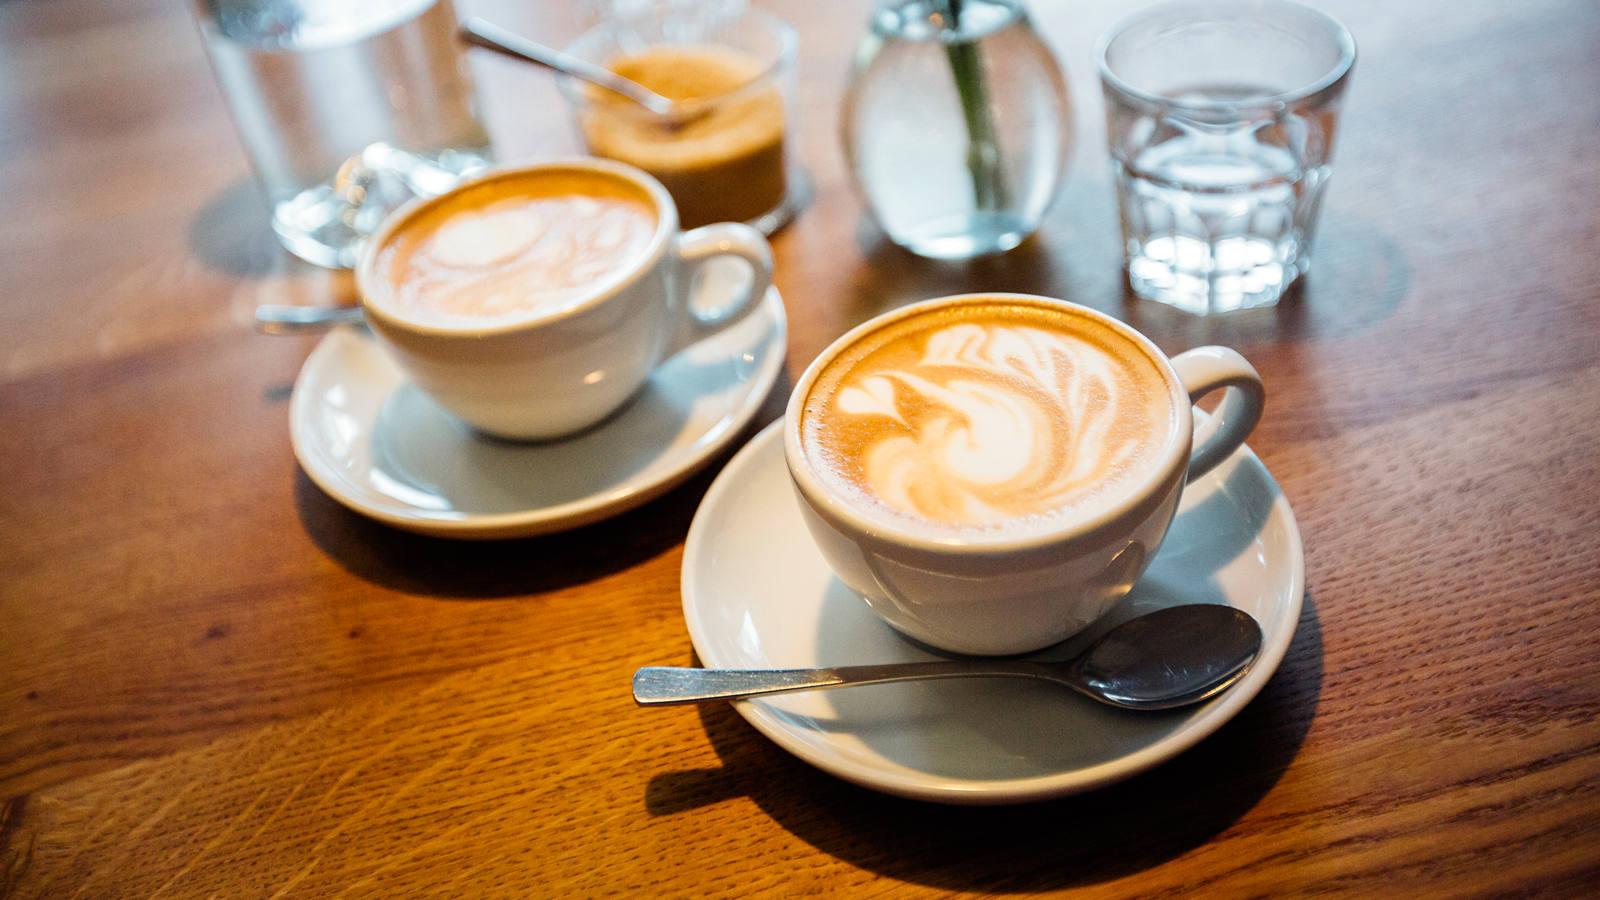 Idée reçue no 1: le café déshydrate